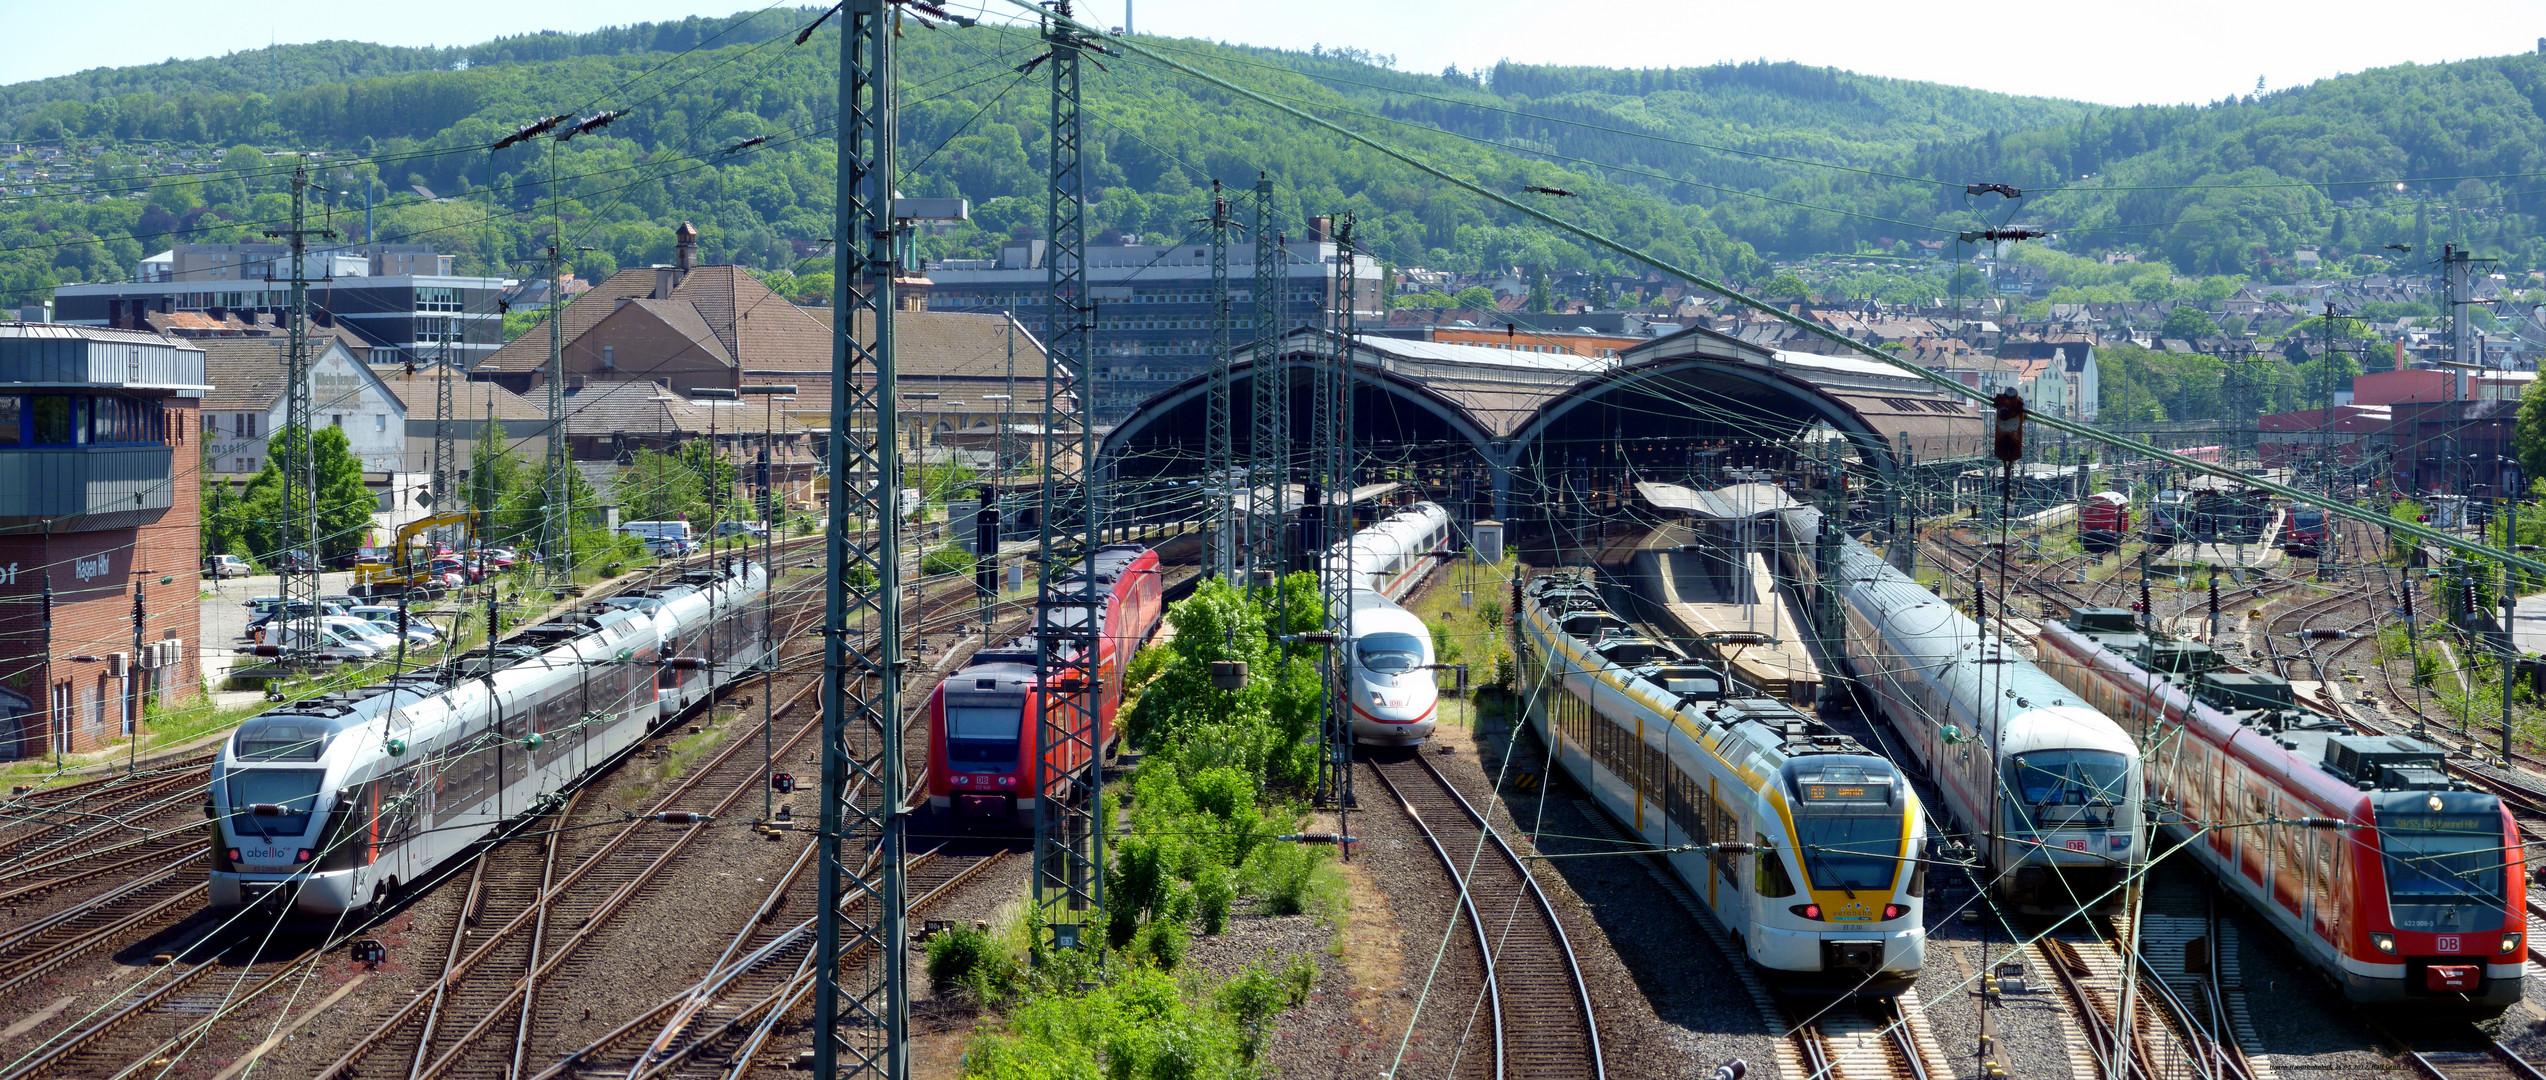 Hauptbahnhof Hagen